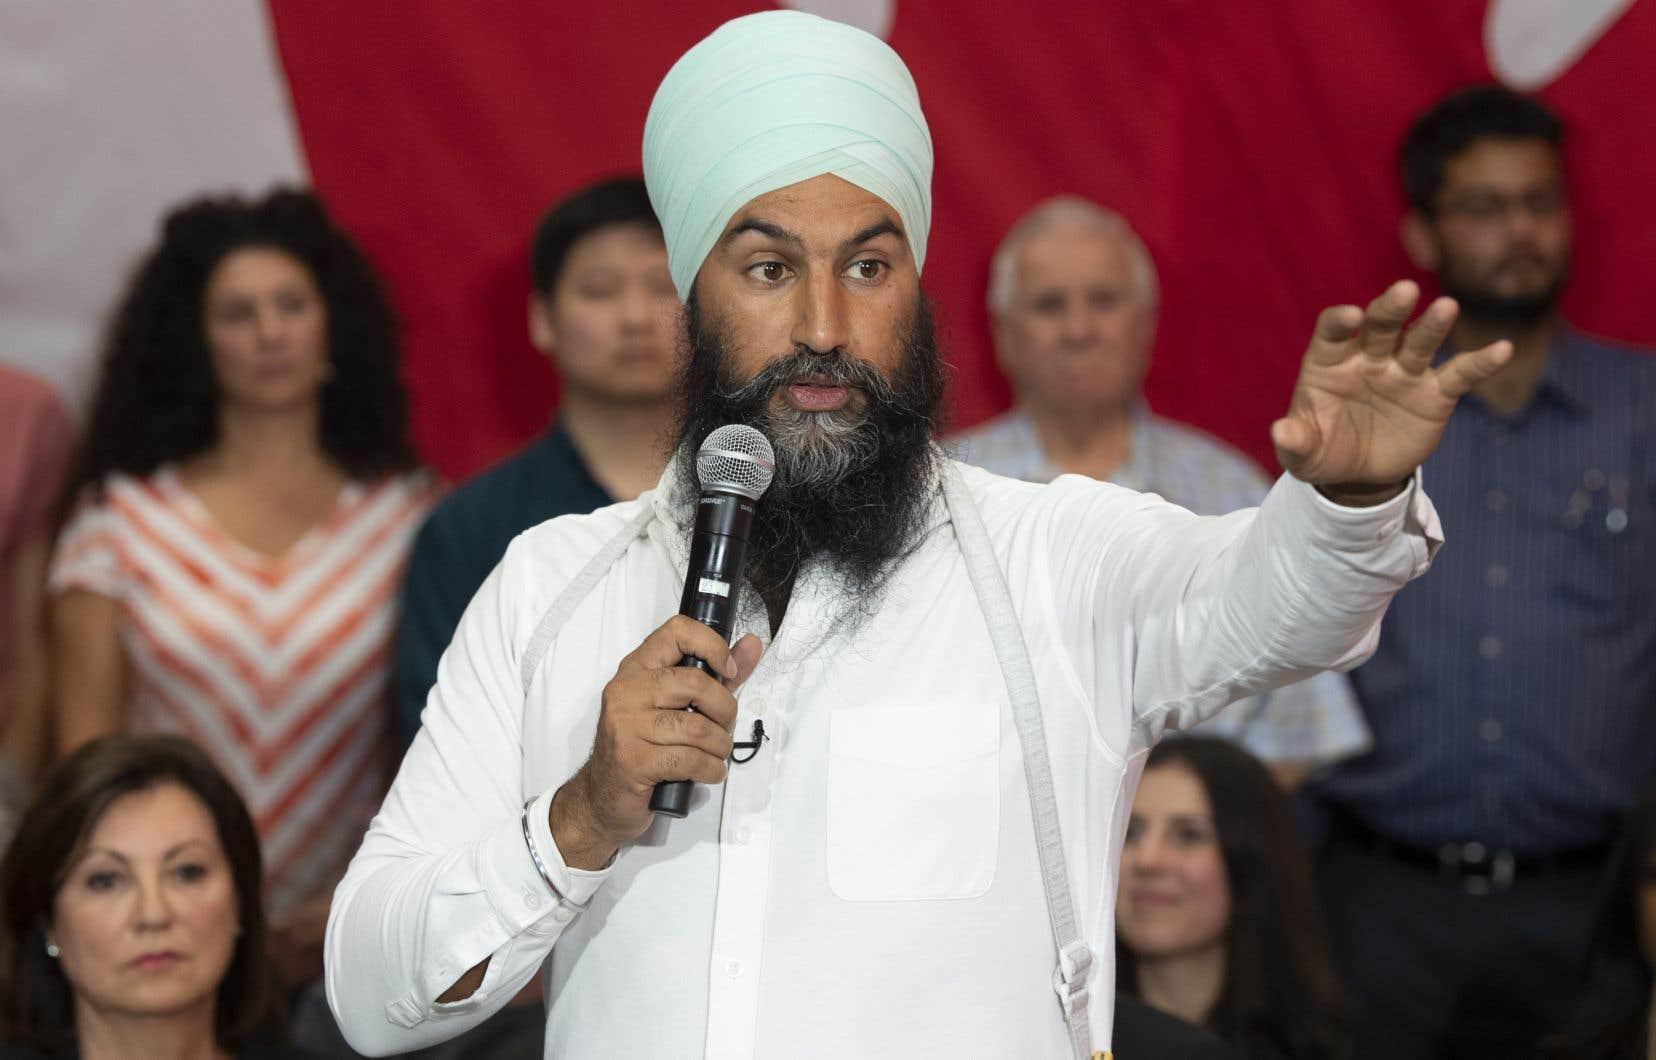 Seul le NPD s'approche d'un ratio de candidats issus des minorités visibles de 21,6%, semblable à celui enregistré au pays par Statistique Canada.